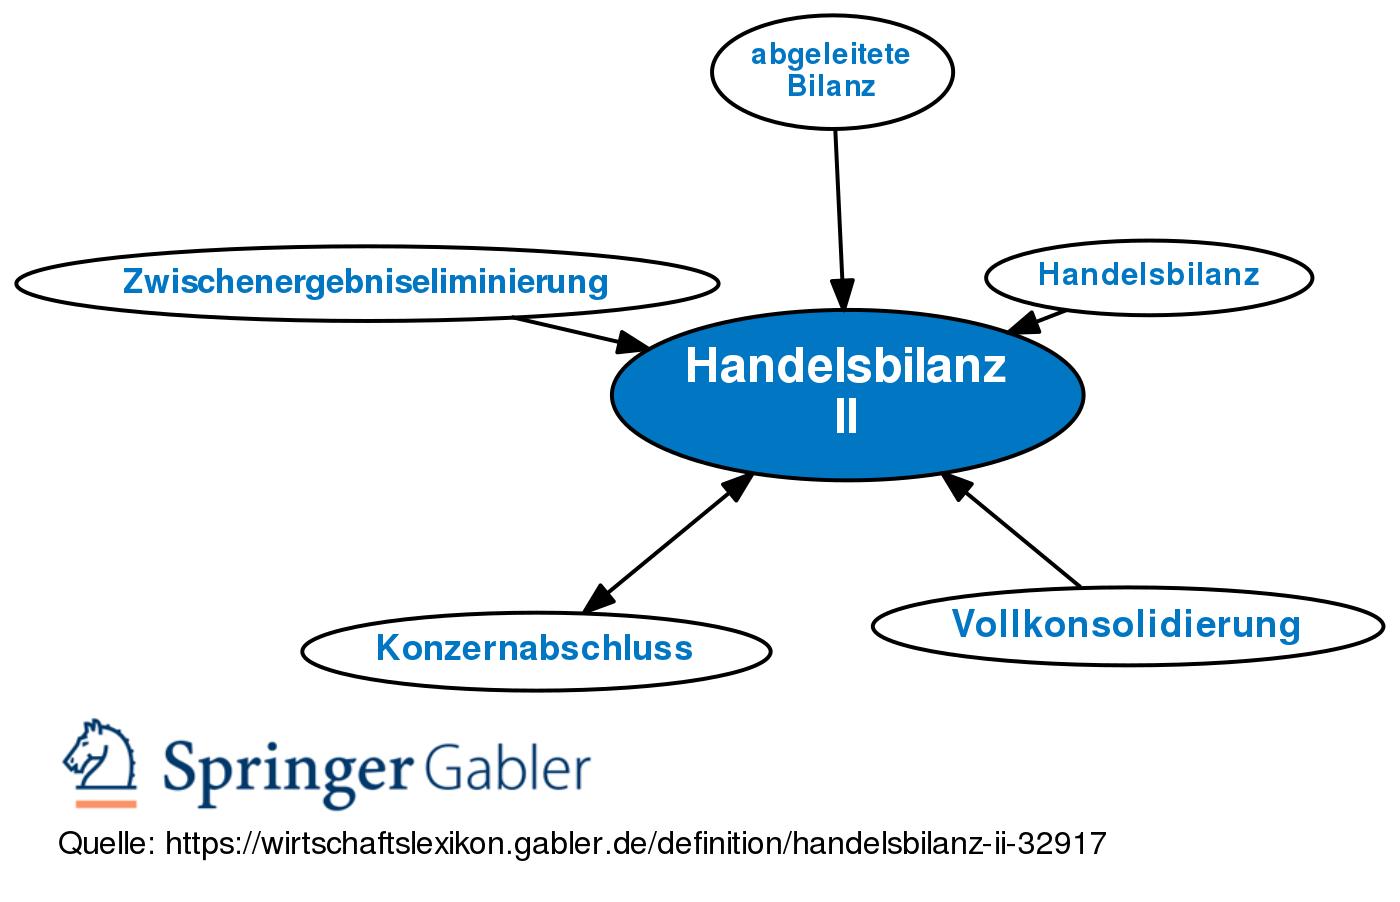 Handelsbilanz Ii Definition Gabler Wirtschaftslexikon